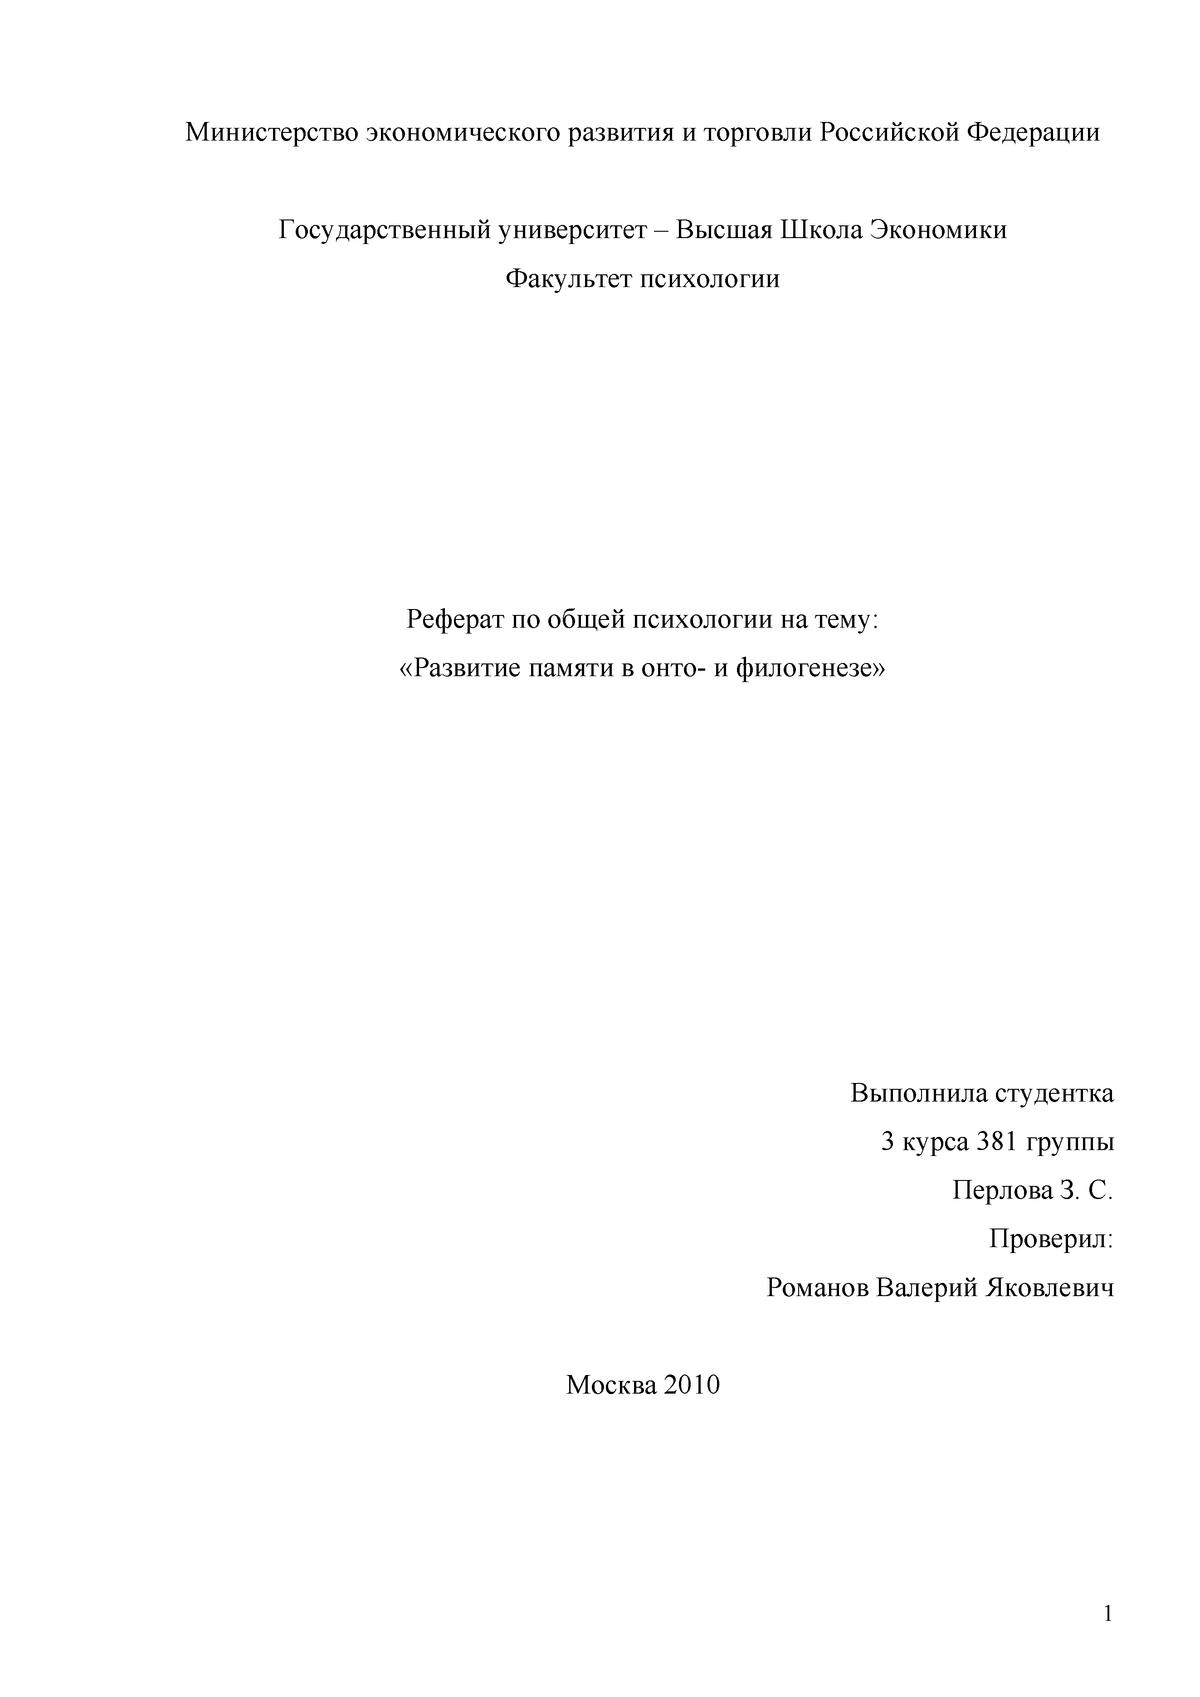 Реферат по общей психологии темы 7883